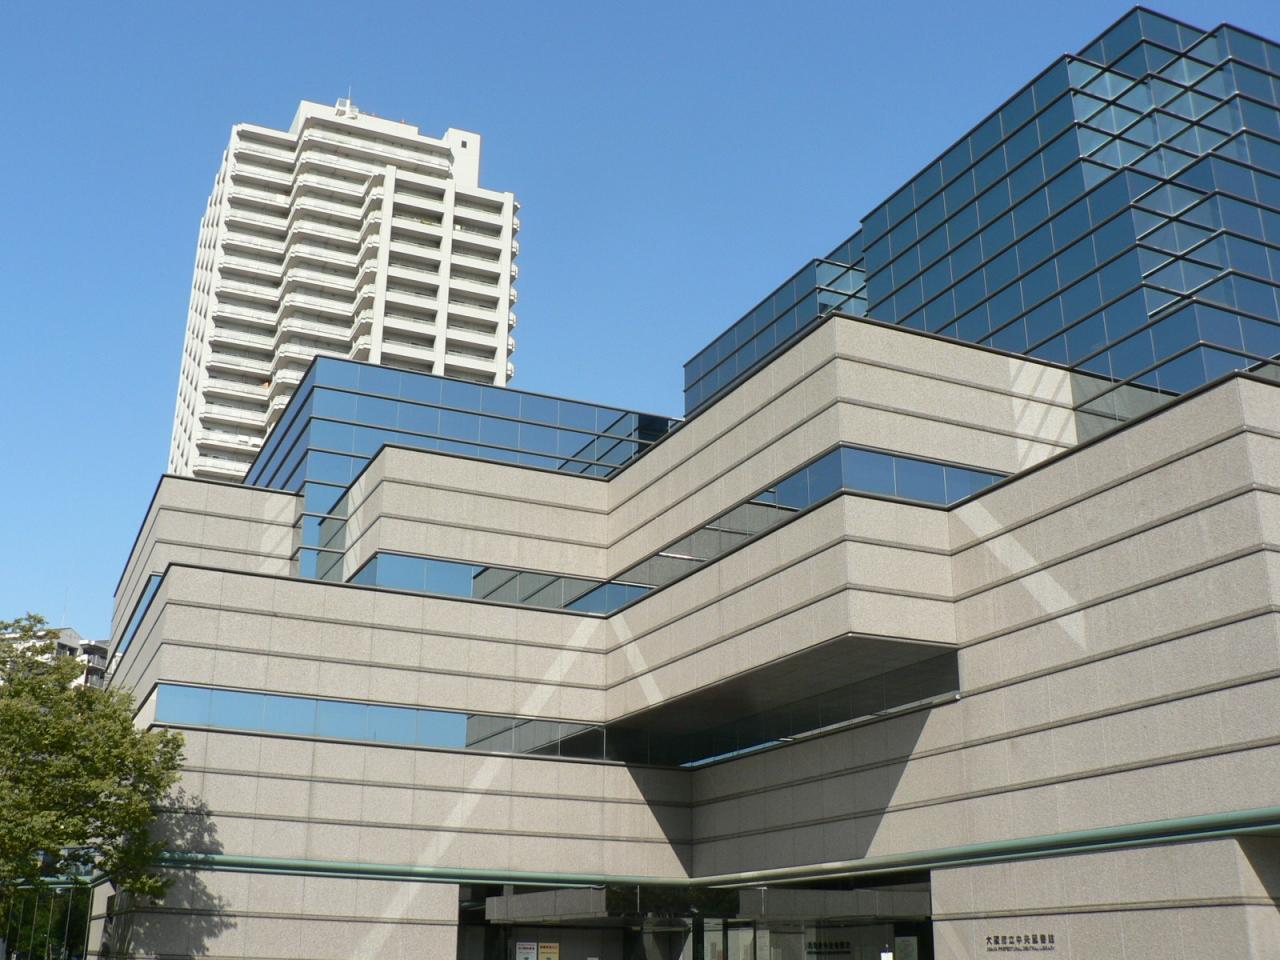 図書館 東 大阪 市立